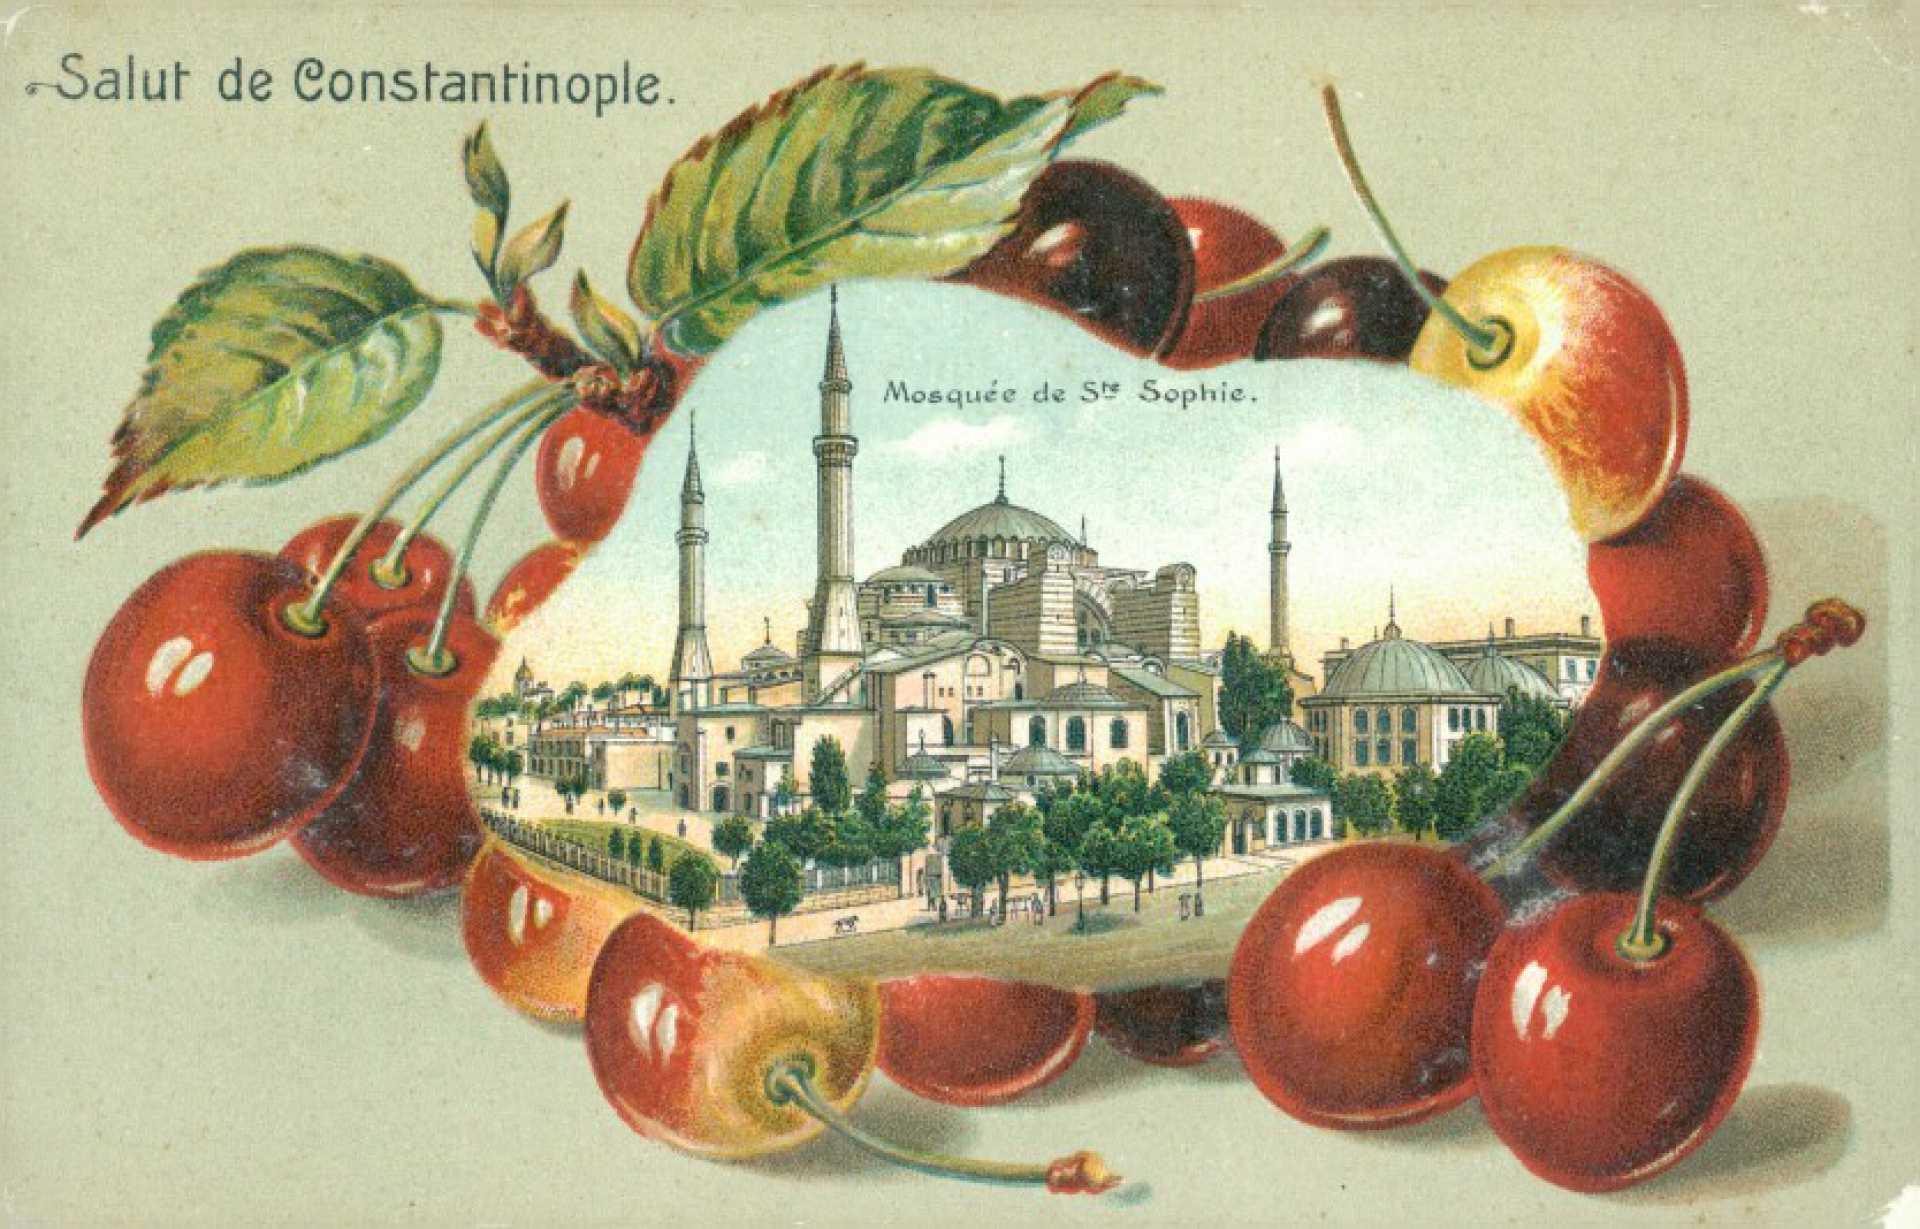 Mosquee de Ste. Sophie